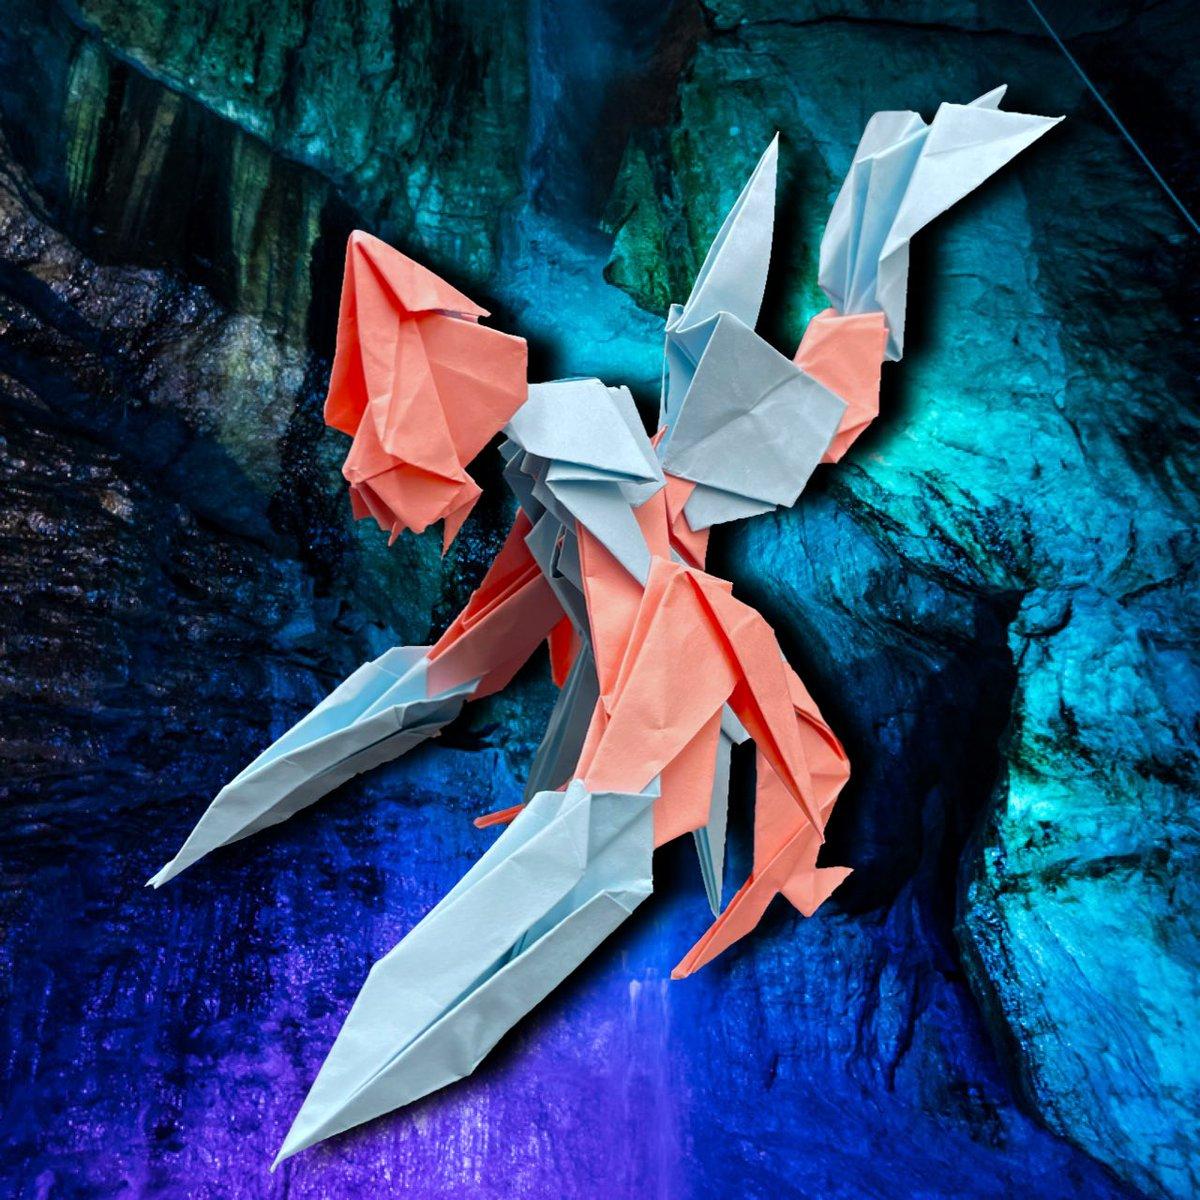 #折り紙 #折り紙作品 #ユニーク折り紙 #組み立て折り紙 #折り紙好きと繋がりたい #作品 #ドラゴン #龍 #竜 #ハンドメイド作家 #手芸 #クリスタル #origami #origamiart #papercraft #folding #uniqueorigami #assemblyorigami #work #dragon #StayHome